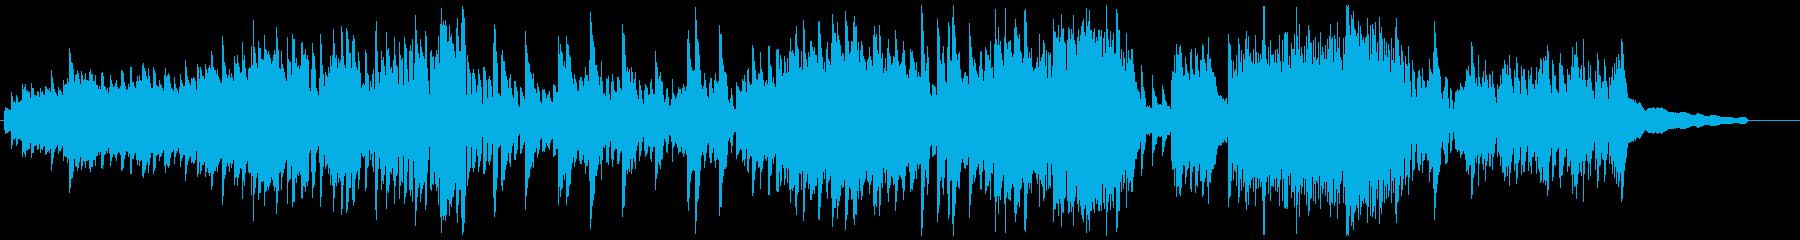 東欧の夜をイメージしたBGMの再生済みの波形